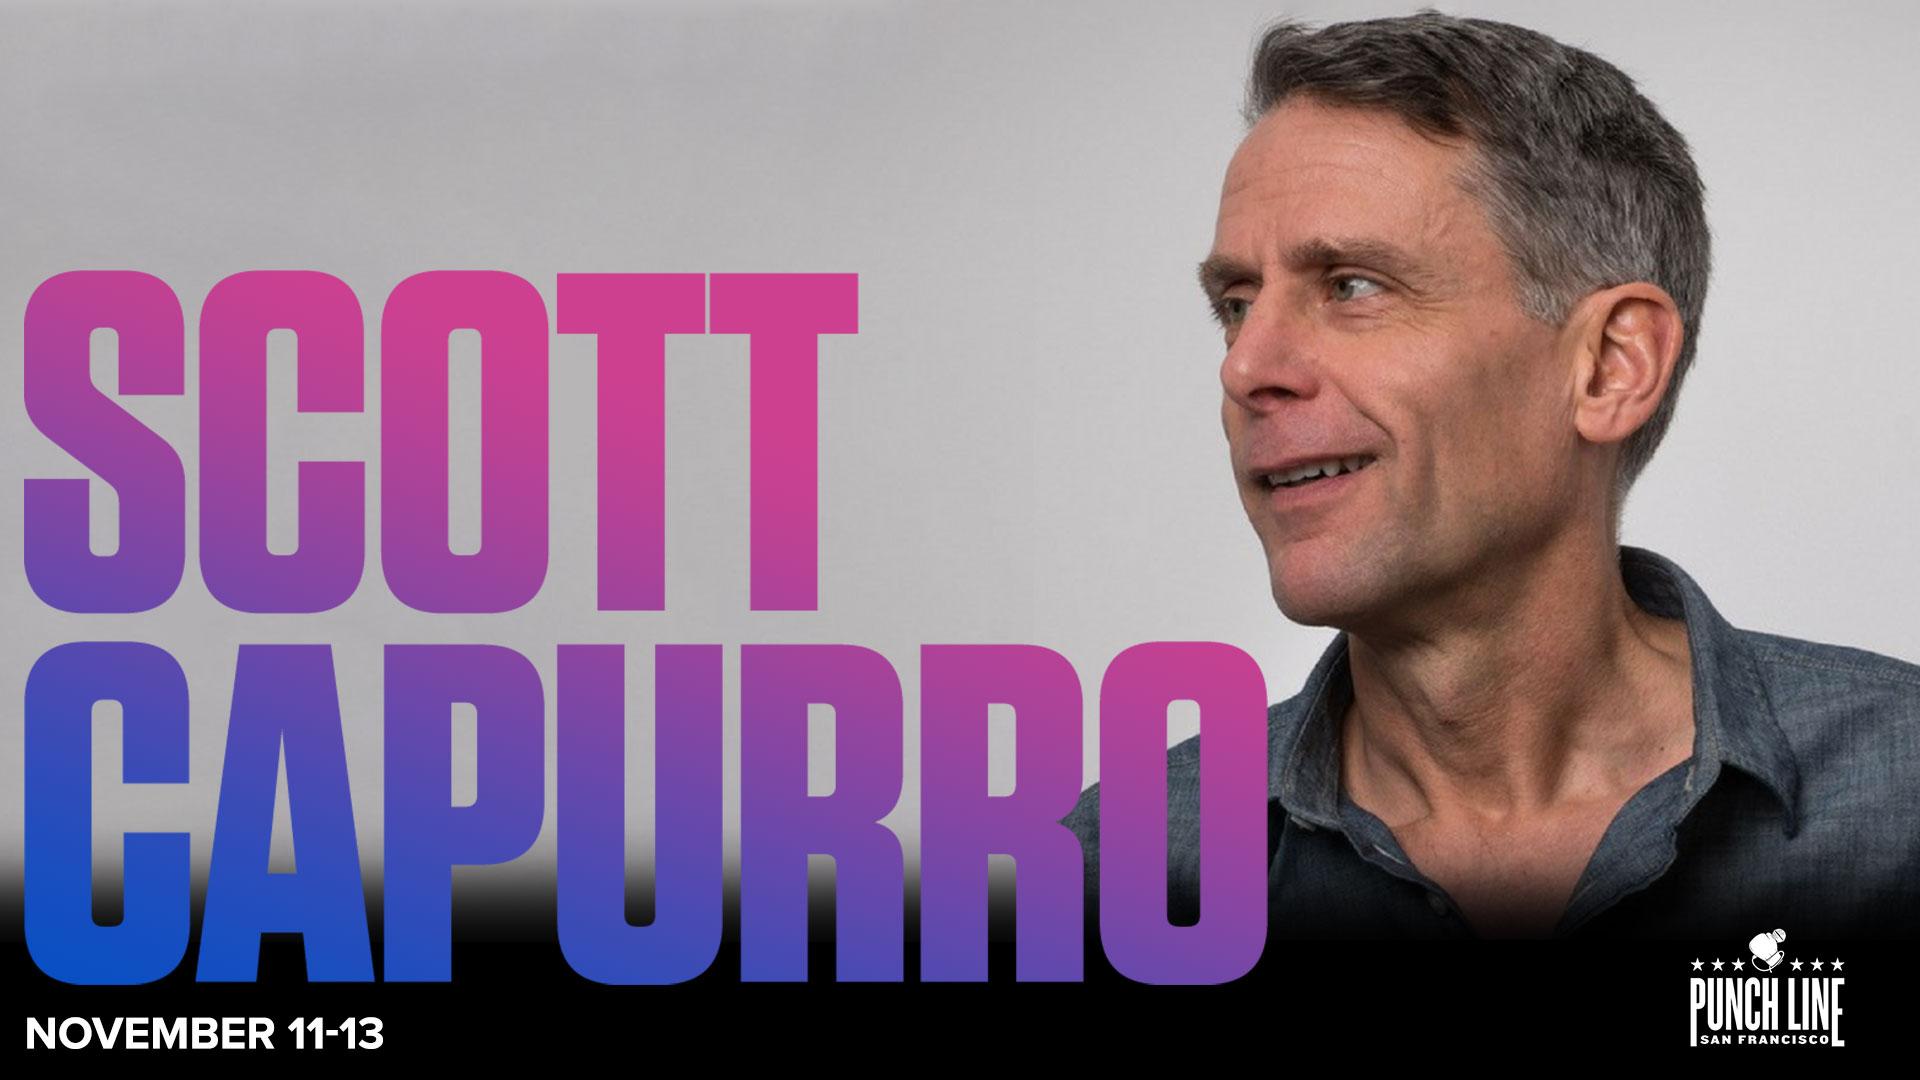 Scott Capurro